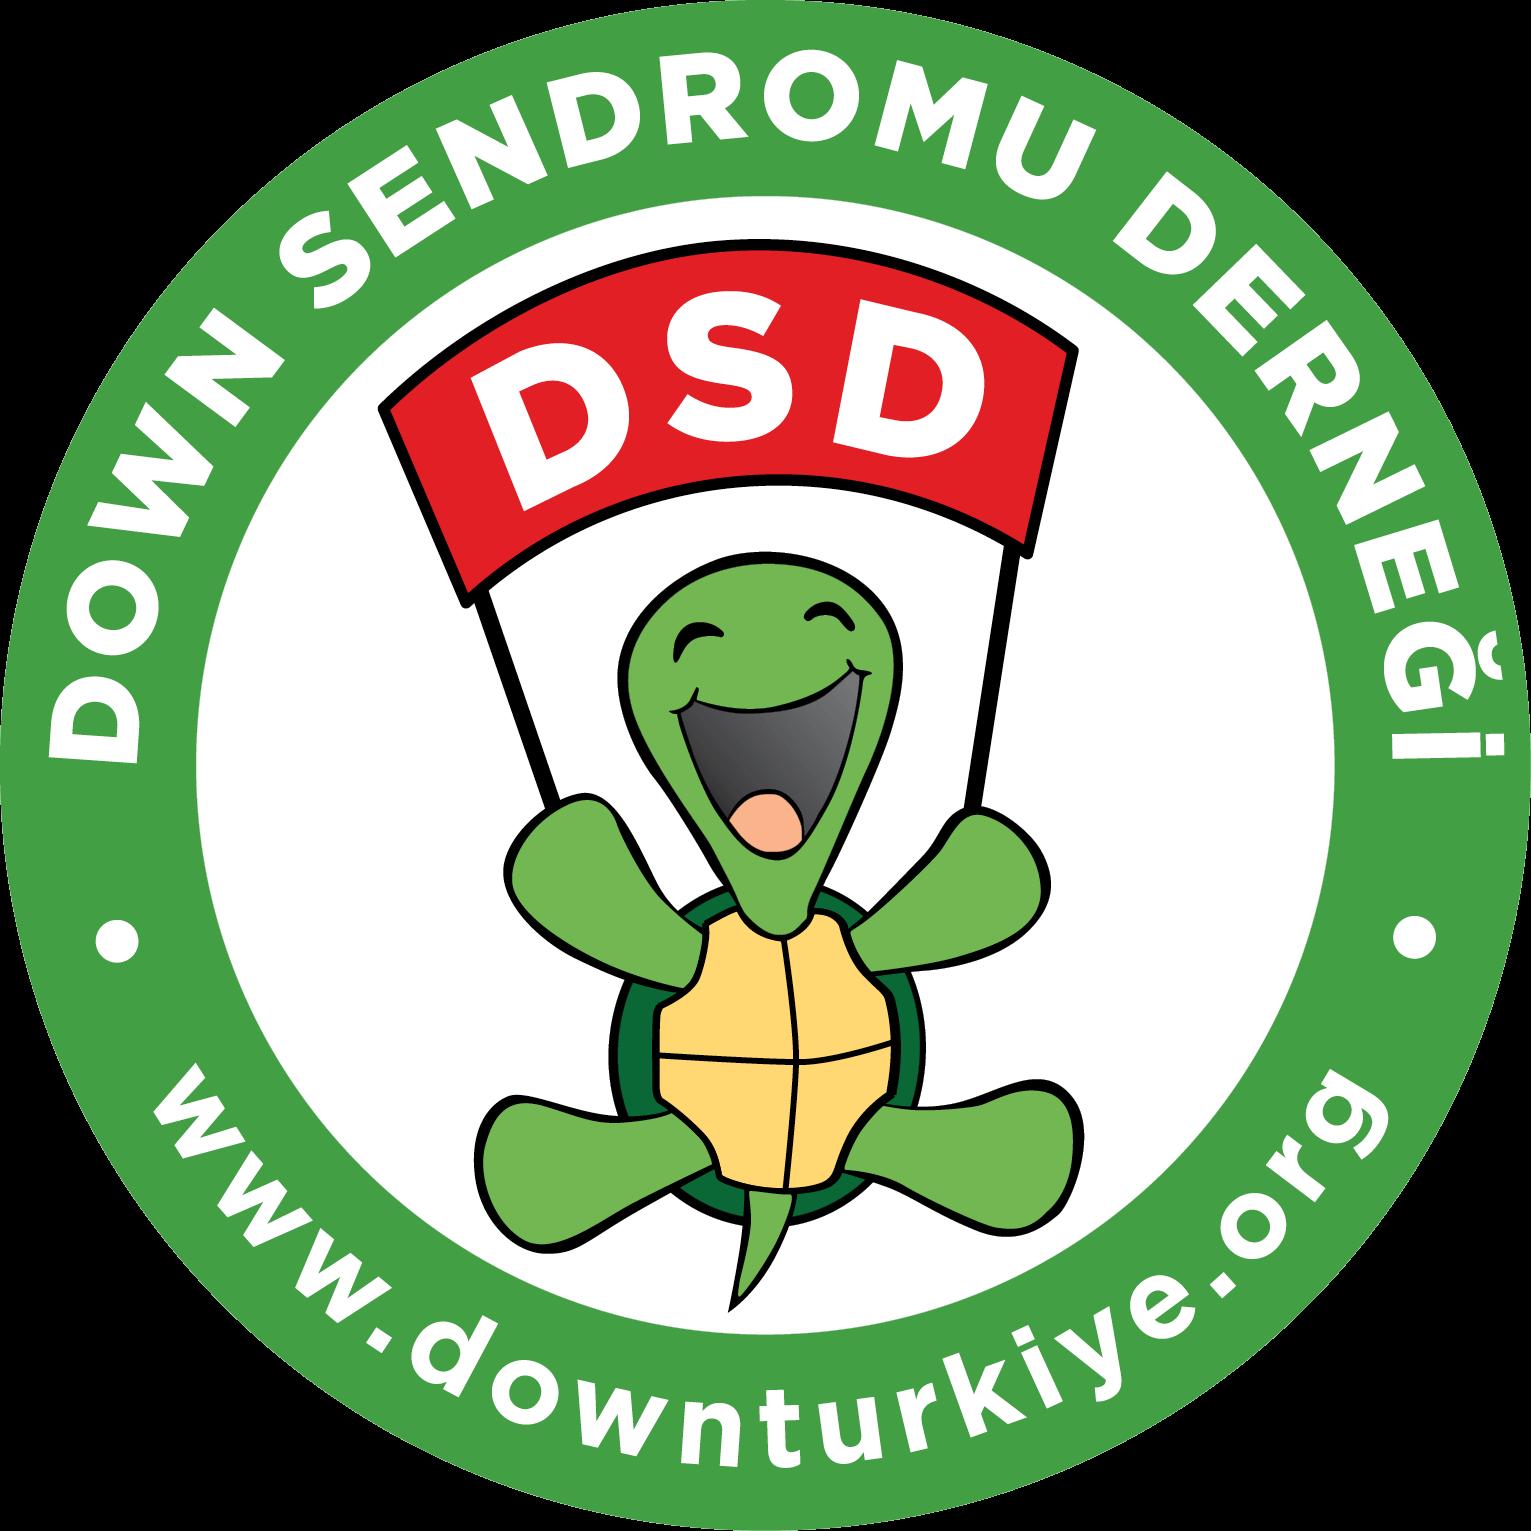 Down Sendromu Derneği - Down Syndrome Association